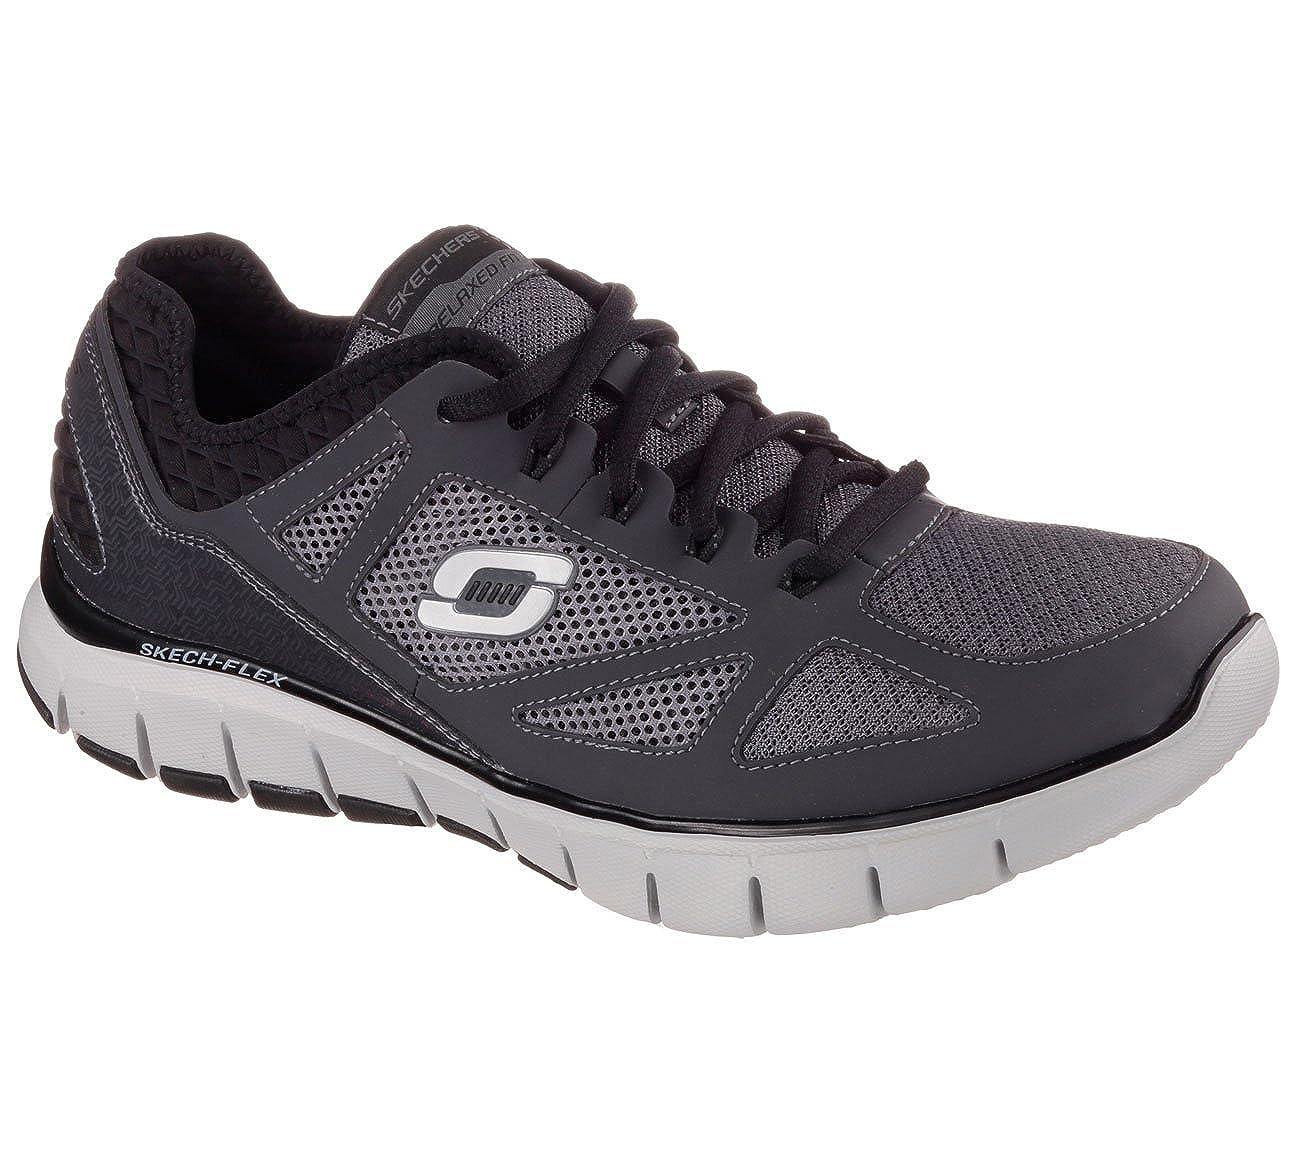 Skechers - Zapatillas para hombre gris gris/negro: Amazon.es: Zapatos y complementos